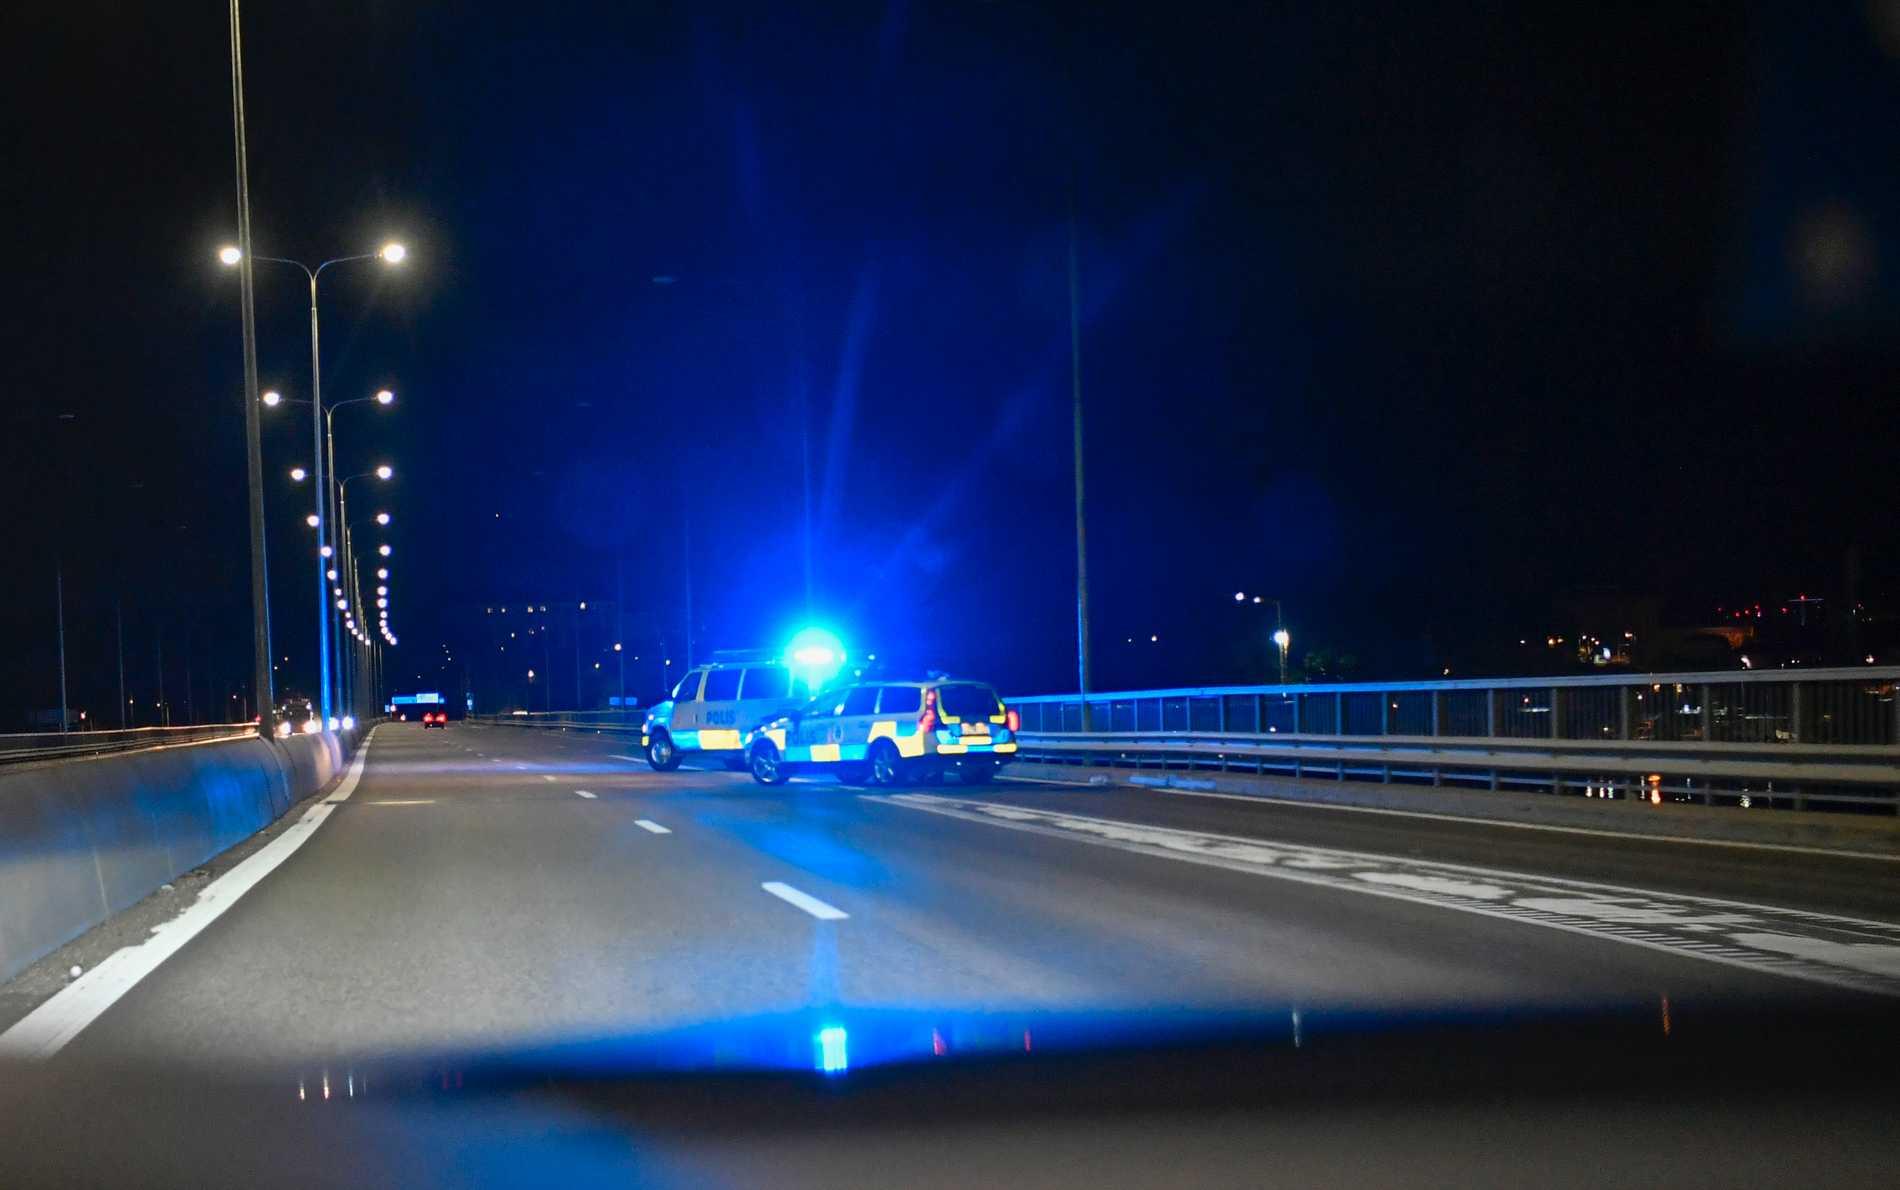 Lidingöbron spärrades av vid en större polisinsats efter larm om skottlossning.